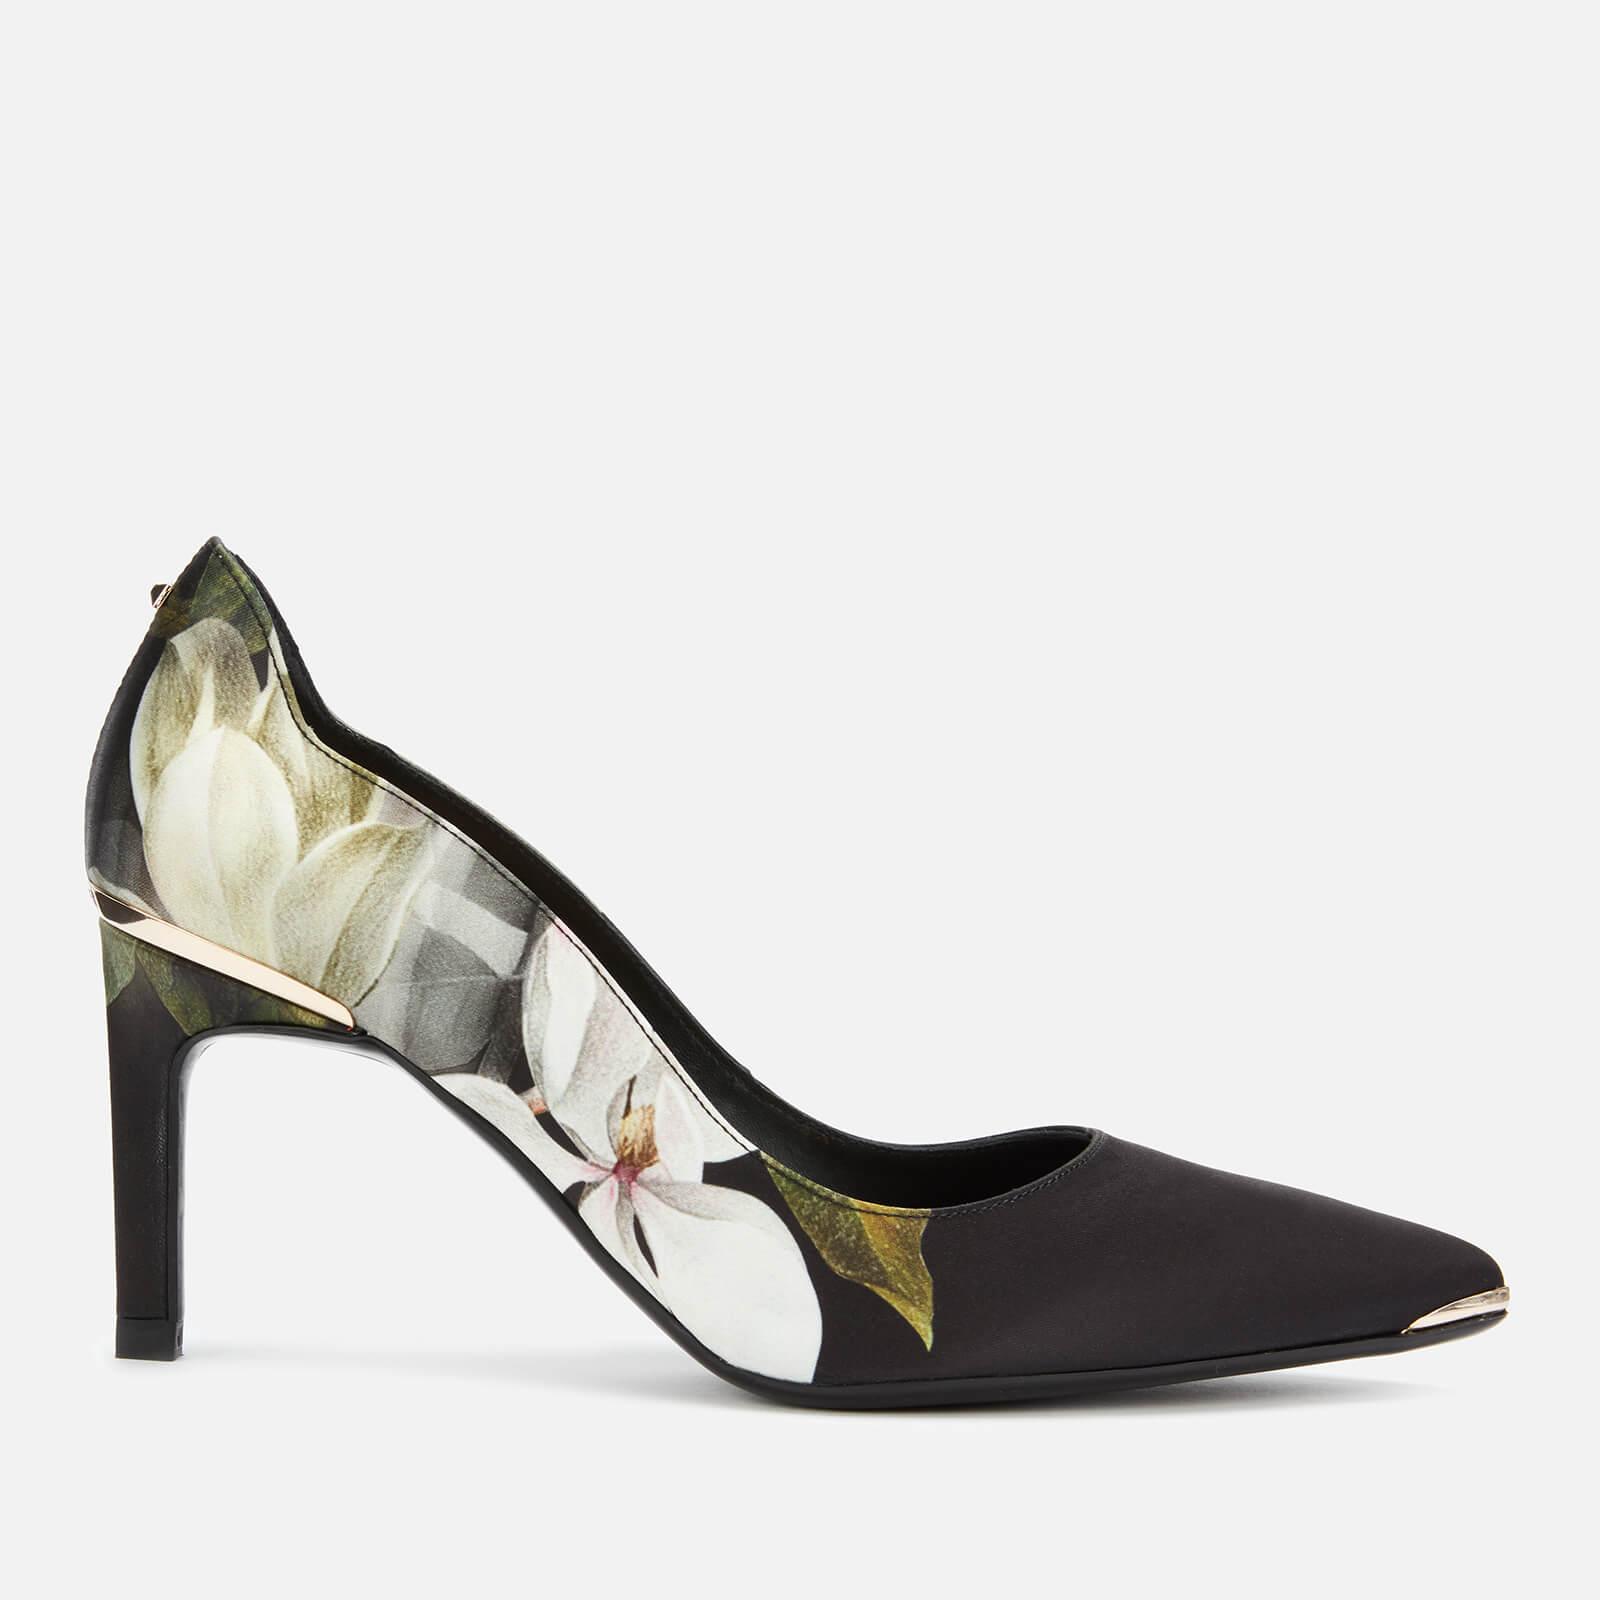 Ted Baker Women's Eriinp Satin Court Shoes - Opal - UK 7 - Black